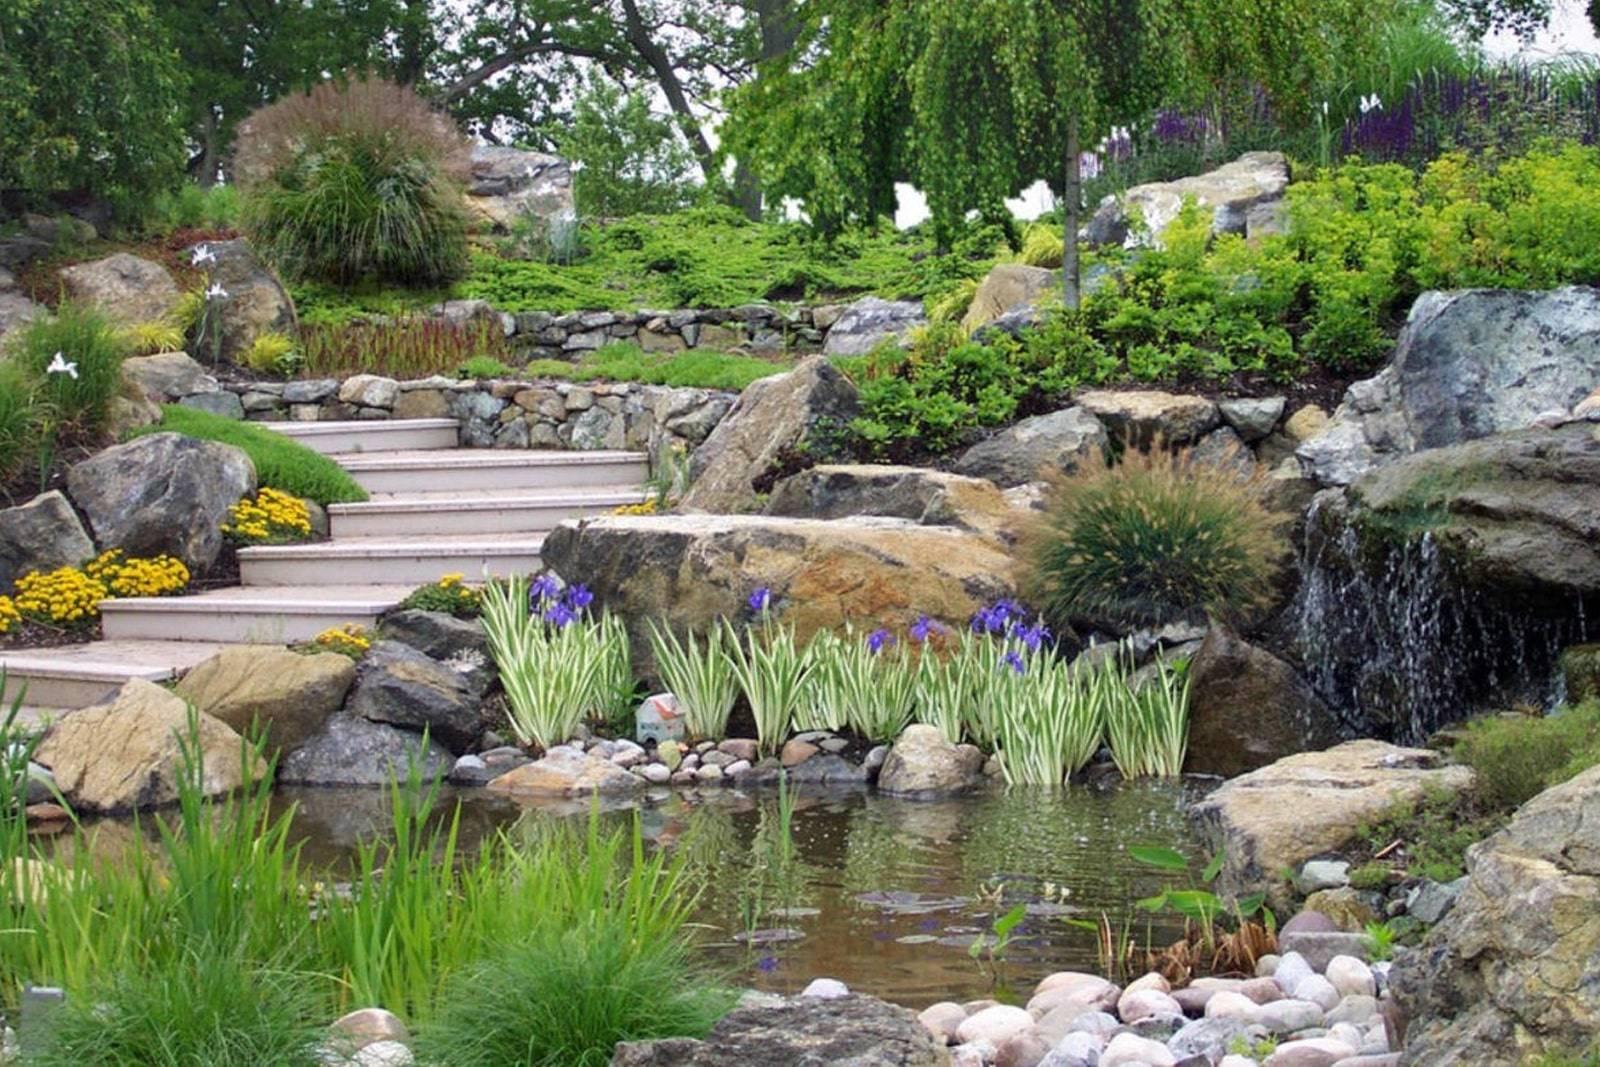 Садовый декор - лучший декор для сада и основные правила размещения основных элементов декора (120 фото)